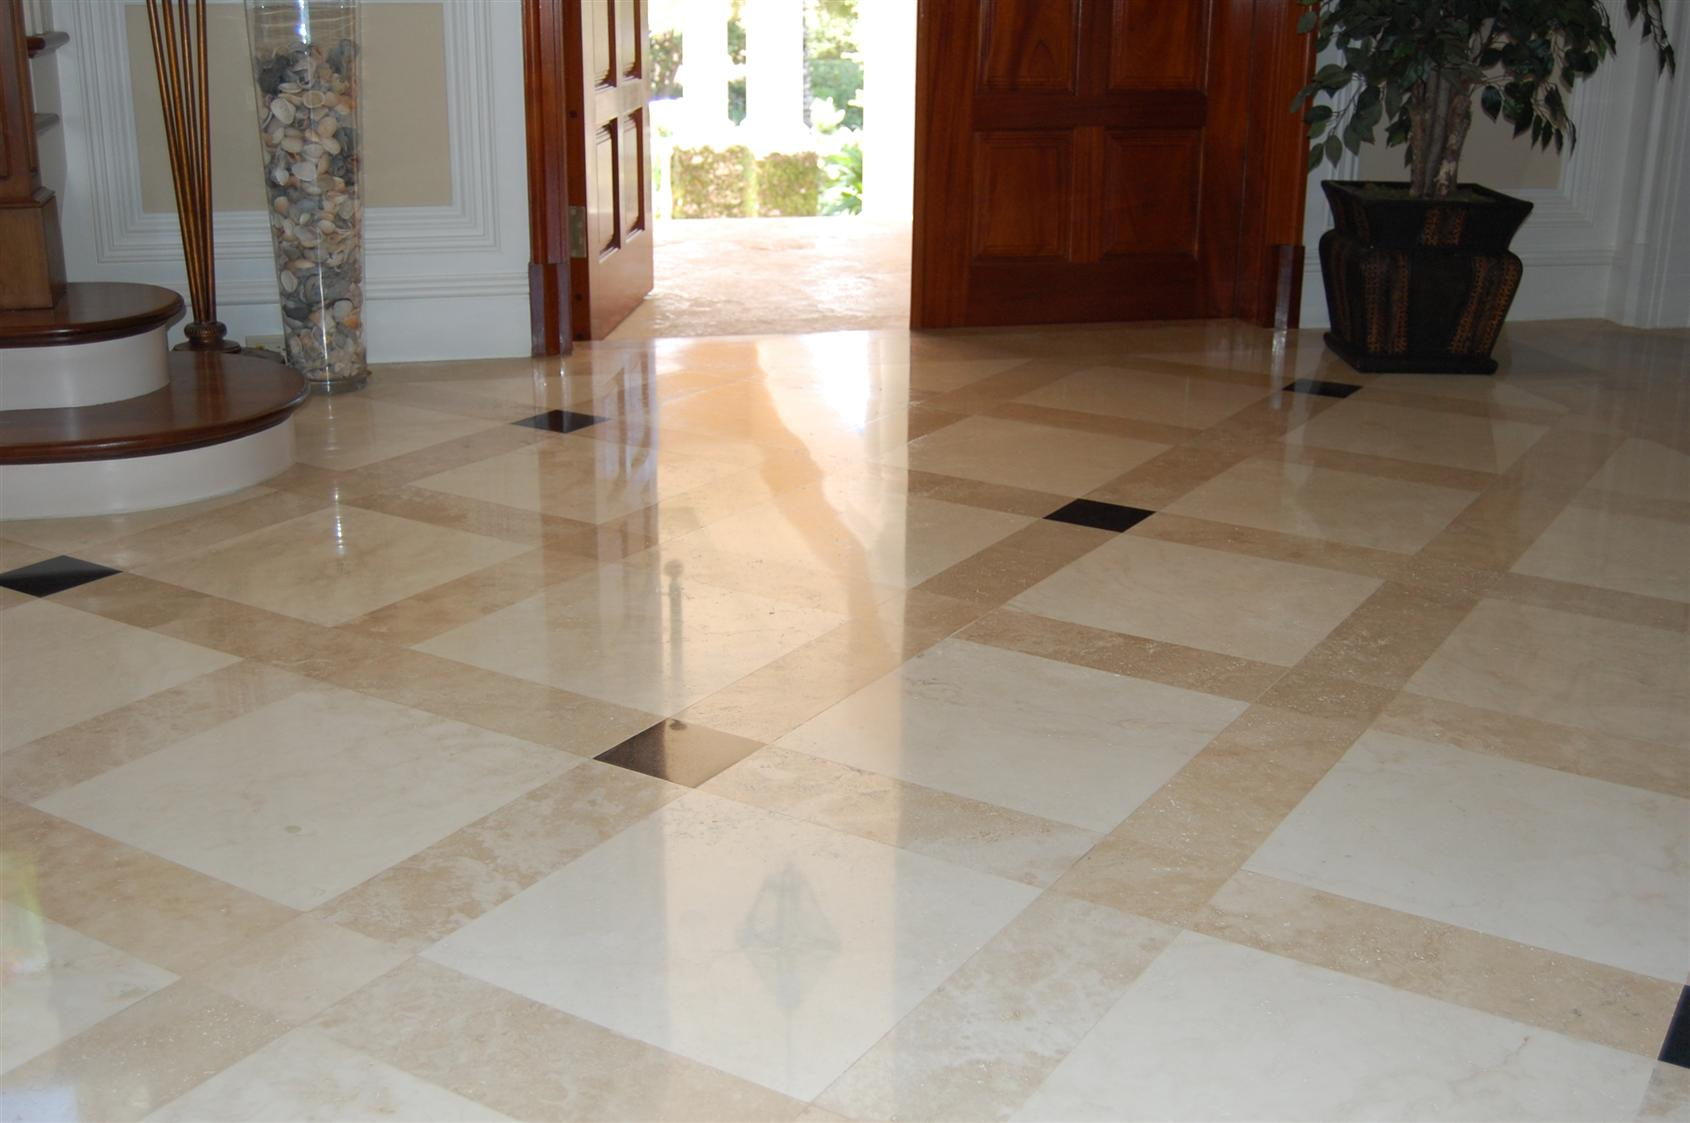 Pulido suelos barcelona - Suelos cemento pulido precios ...